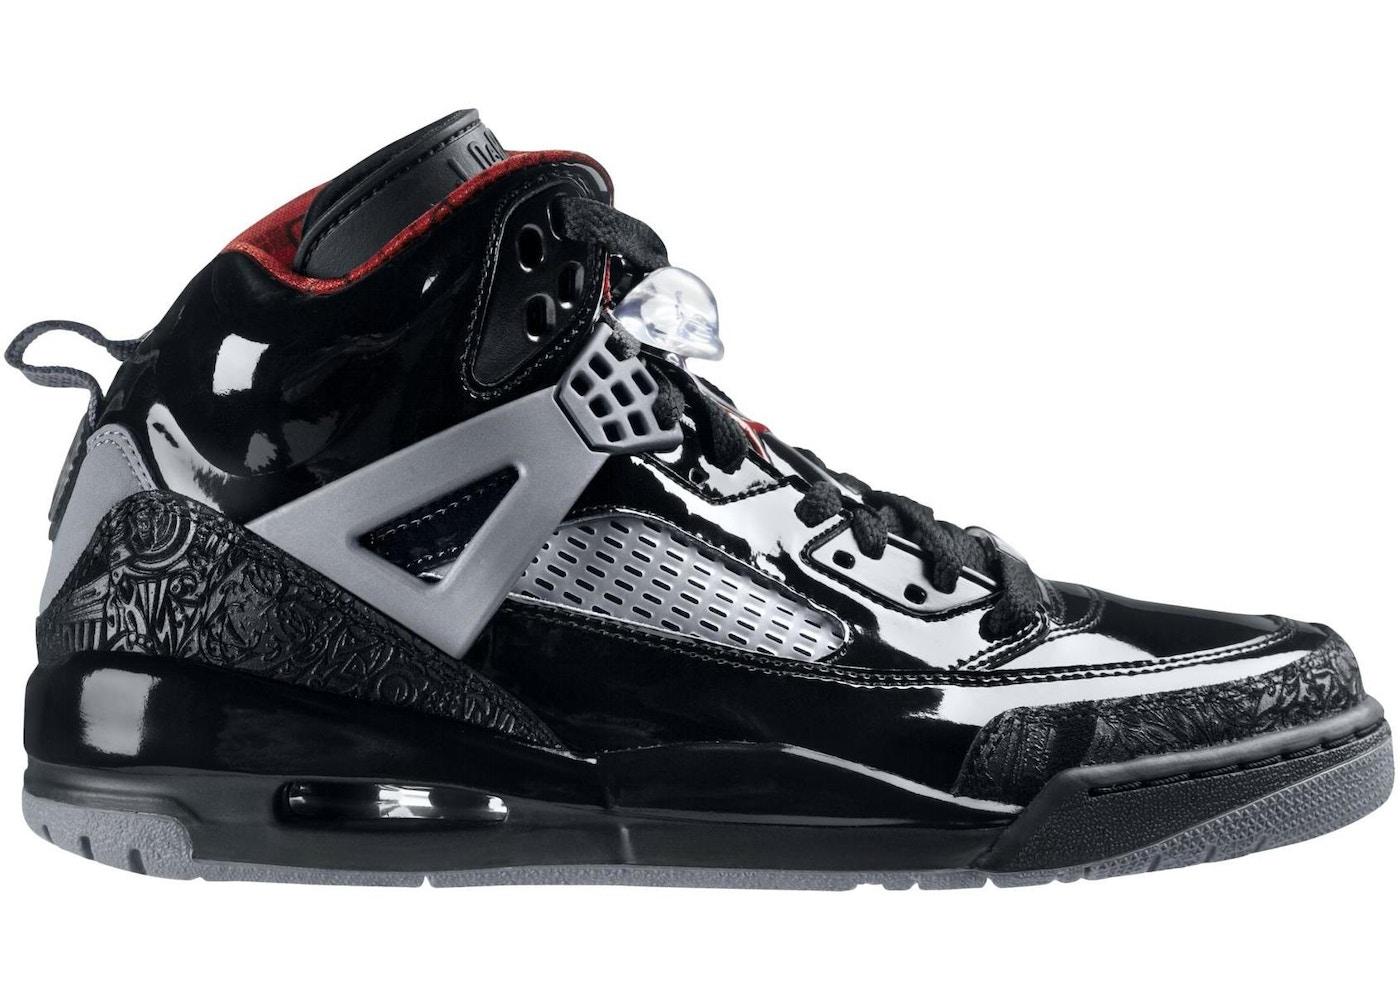 quality design 8e6f1 44c5c Air Jordan Spizike Shoes - Price Premium